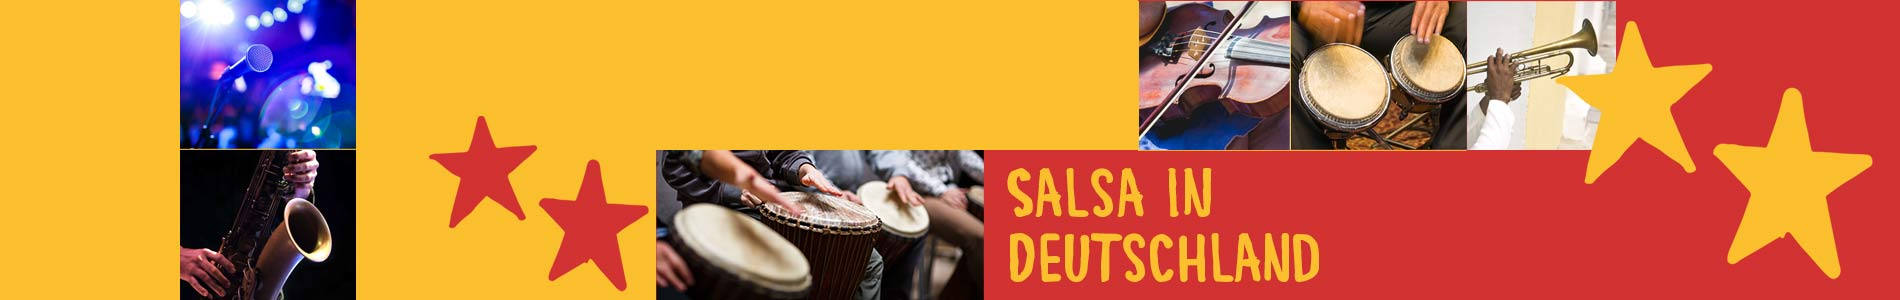 Salsa in Brüel – Salsa lernen und tanzen, Tanzkurse, Partys, Veranstaltungen